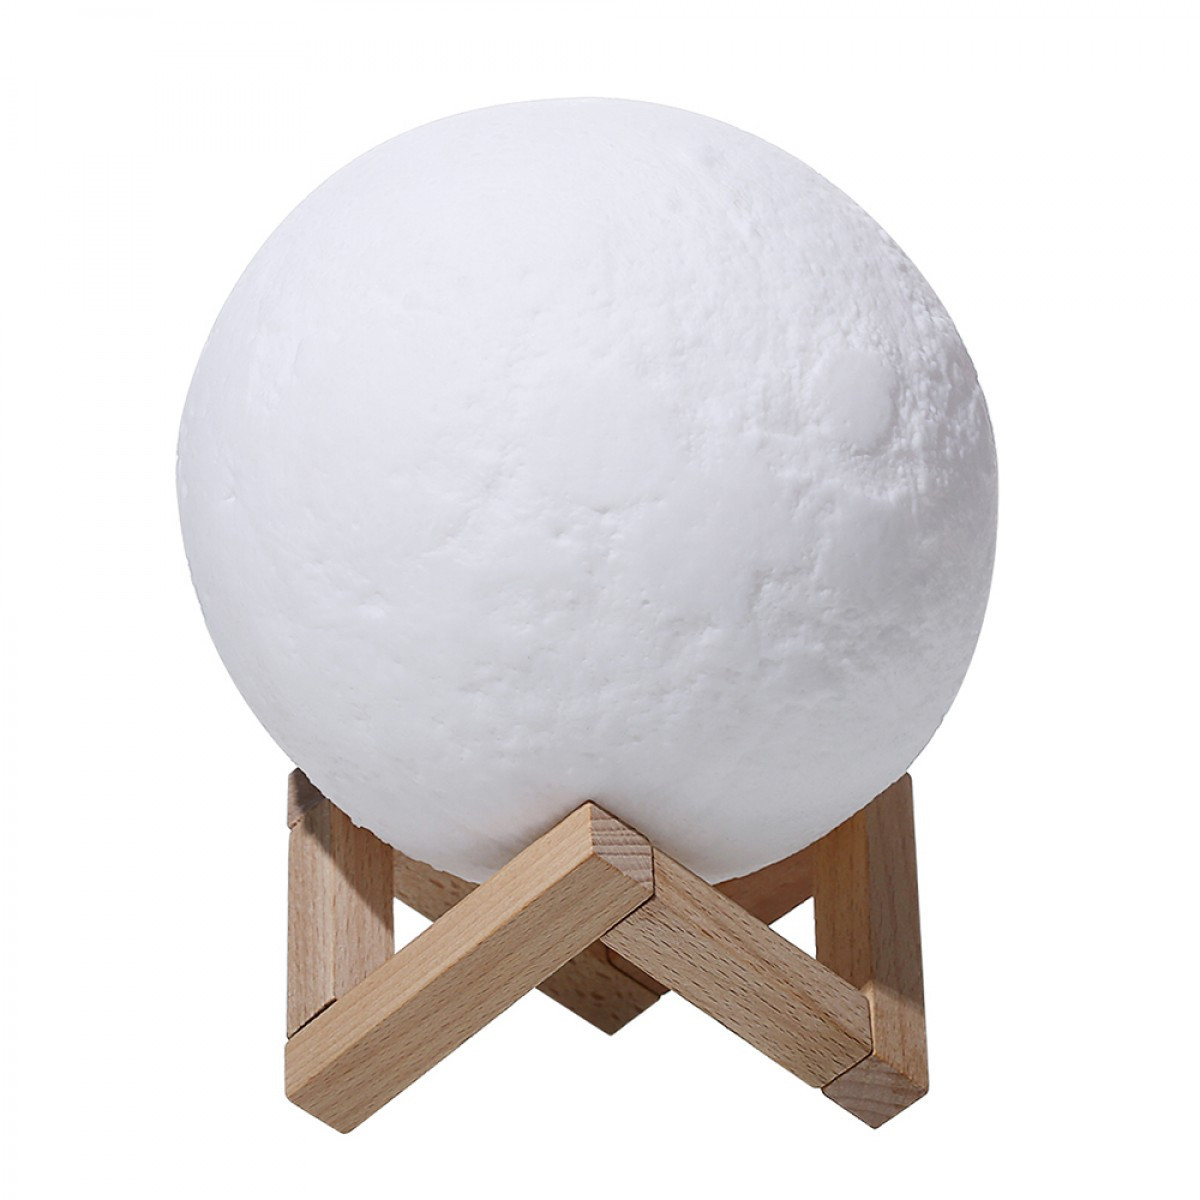 Настольный светильник Magic 3D Moon Light Луна 13 см (6727) #S/O